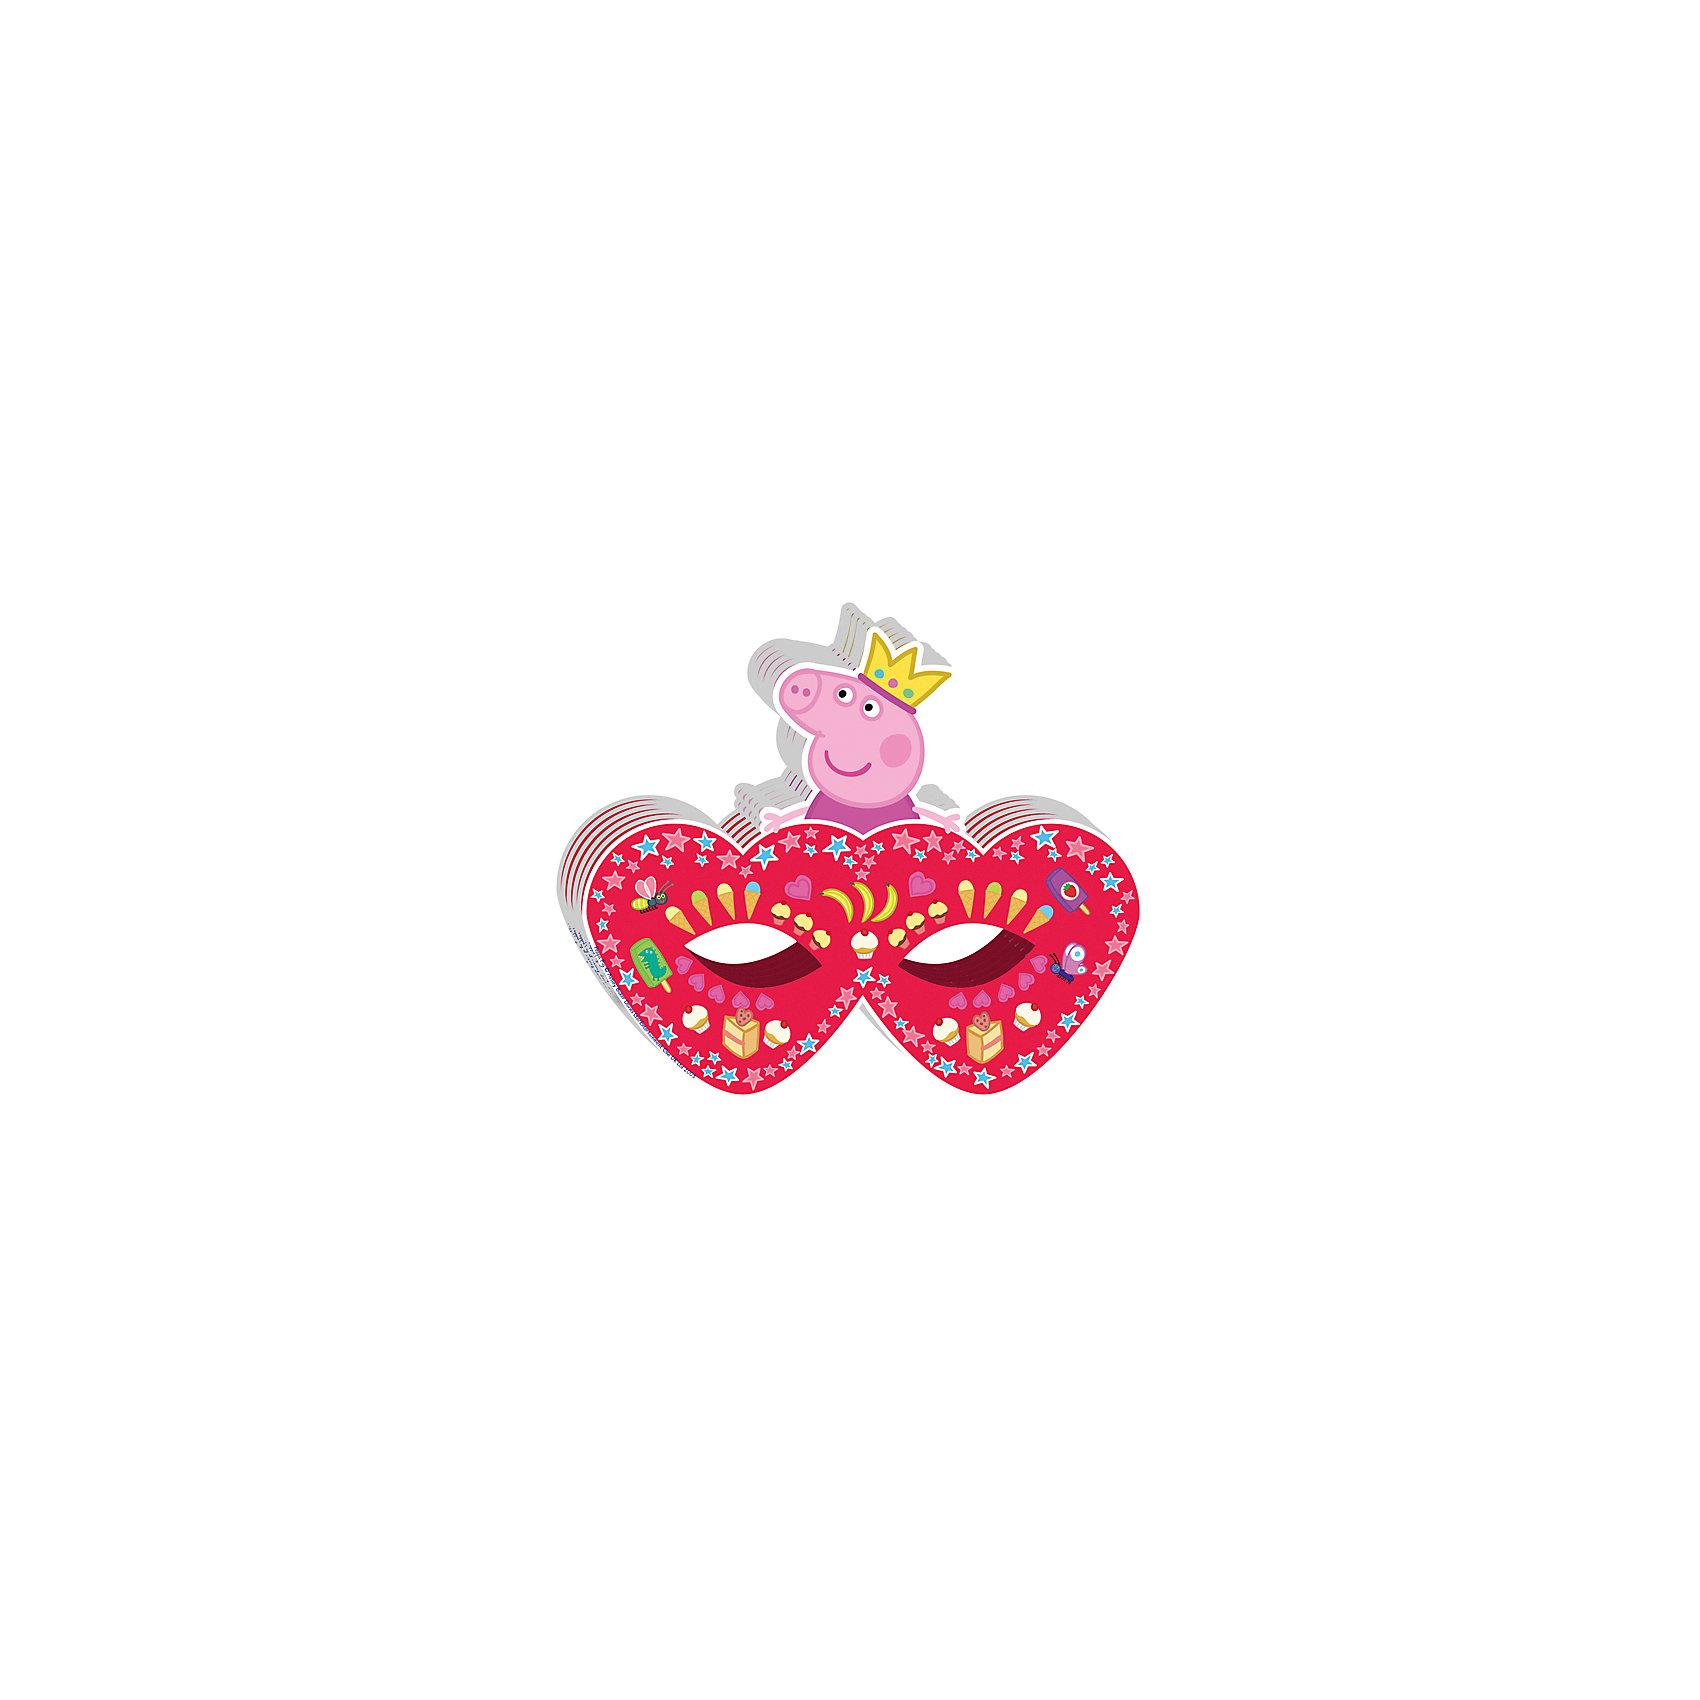 Росмэн Маска Пеппа-принцесса (6 шт) росмэн праздничный колпак пеппа принцесса 6 шт